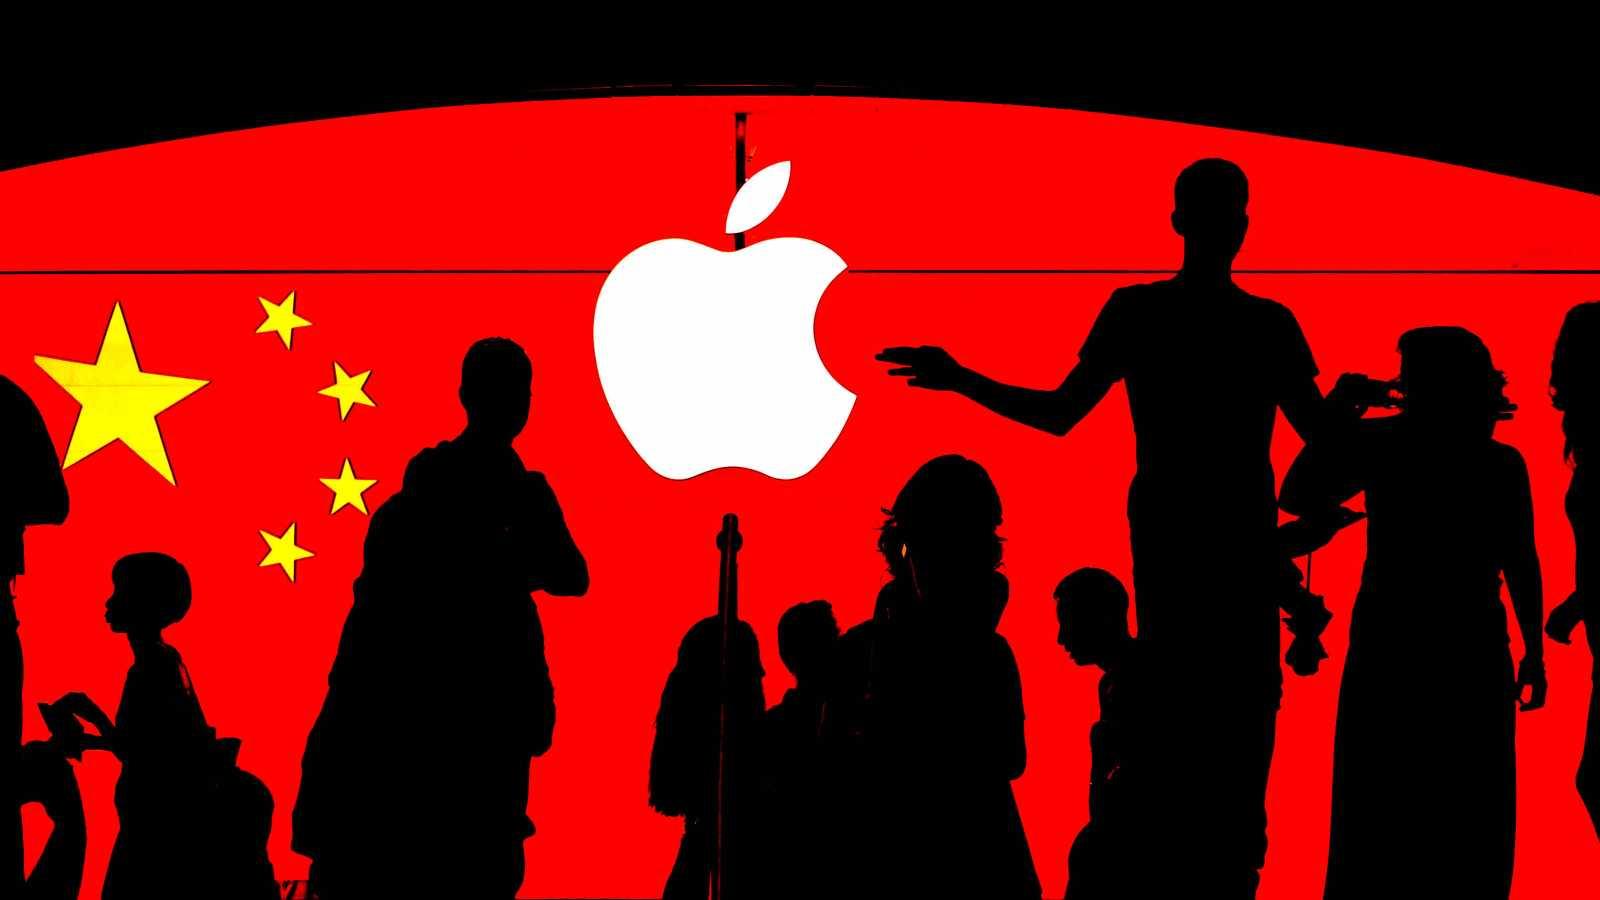 corona-virusu-apple-in-gelirleri-olumsuz-etkileyebilir-2